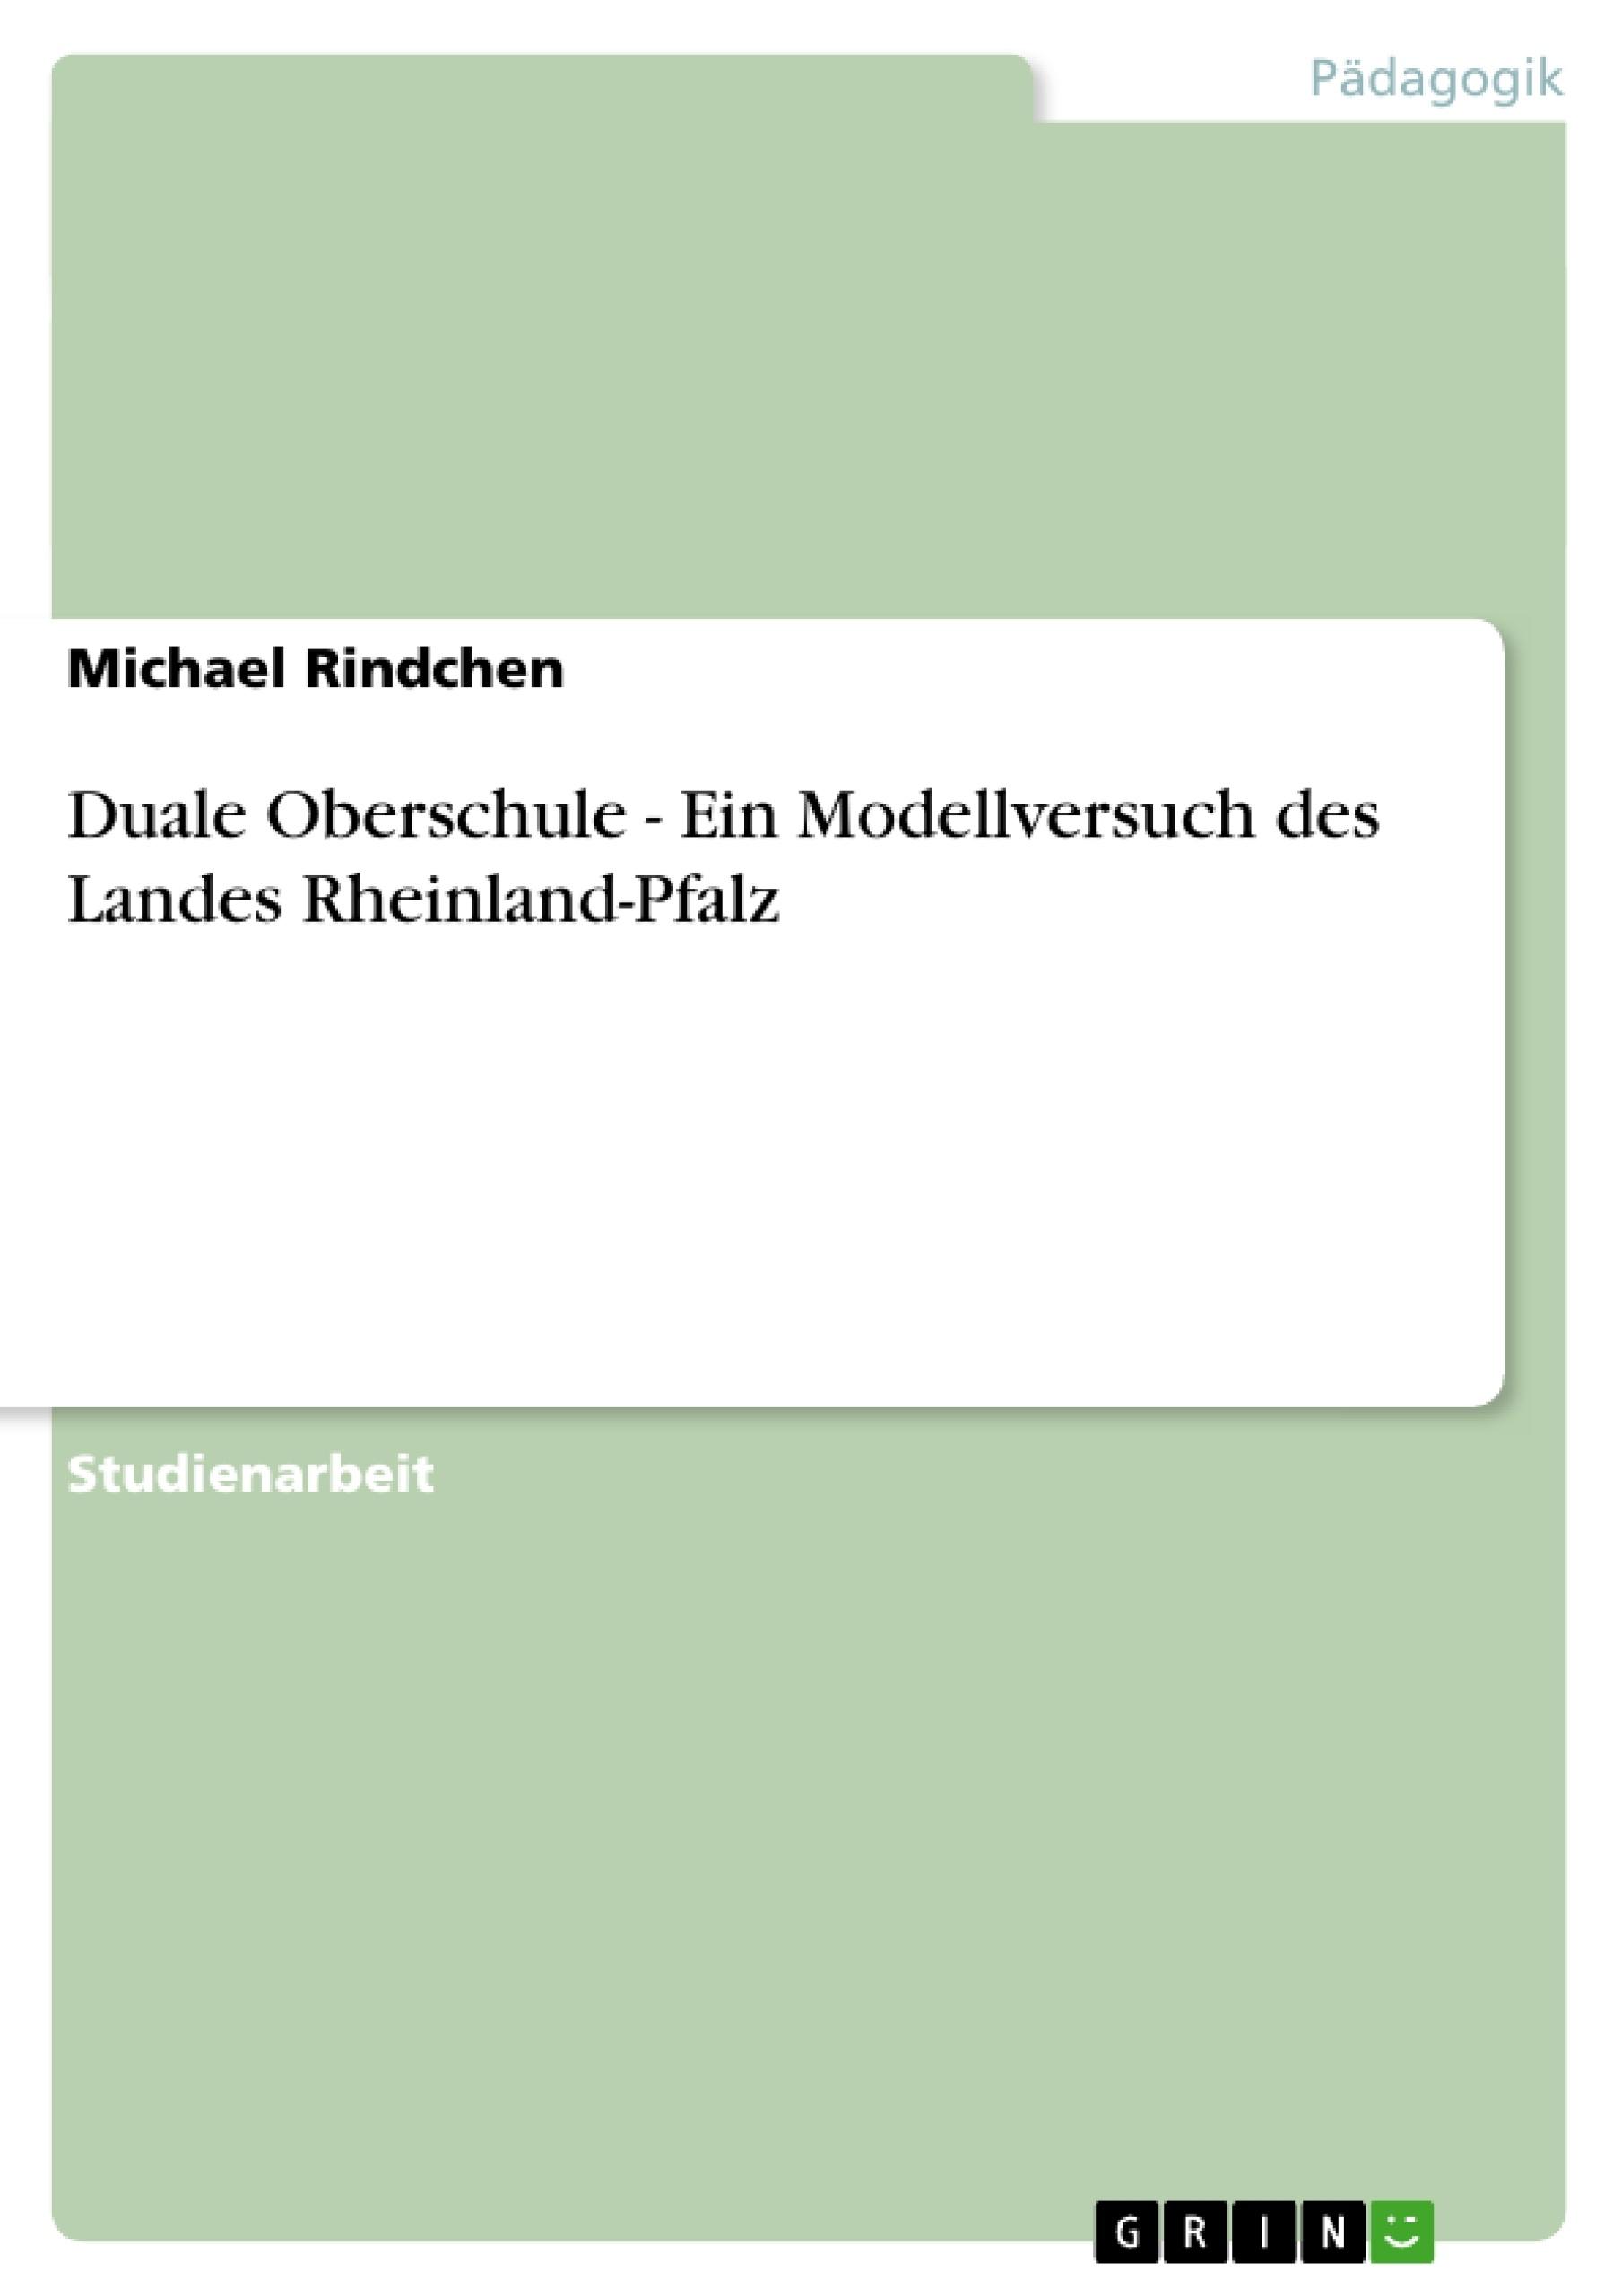 Titel: Duale Oberschule - Ein Modellversuch des Landes Rheinland-Pfalz